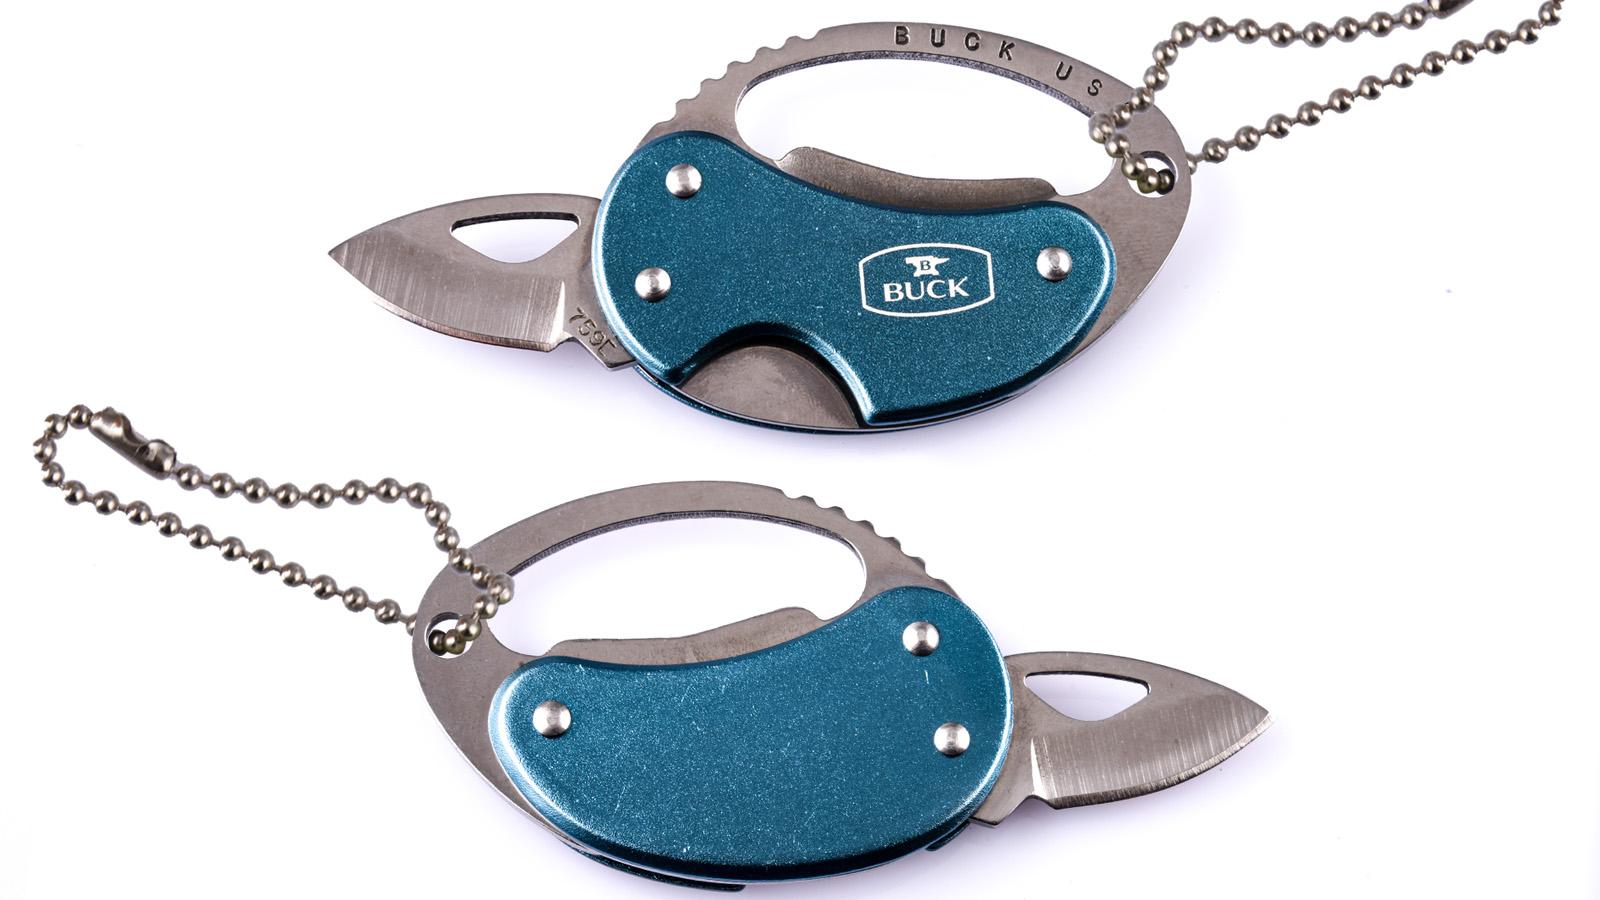 Нож Buck 759 METRO - купить с доставкой